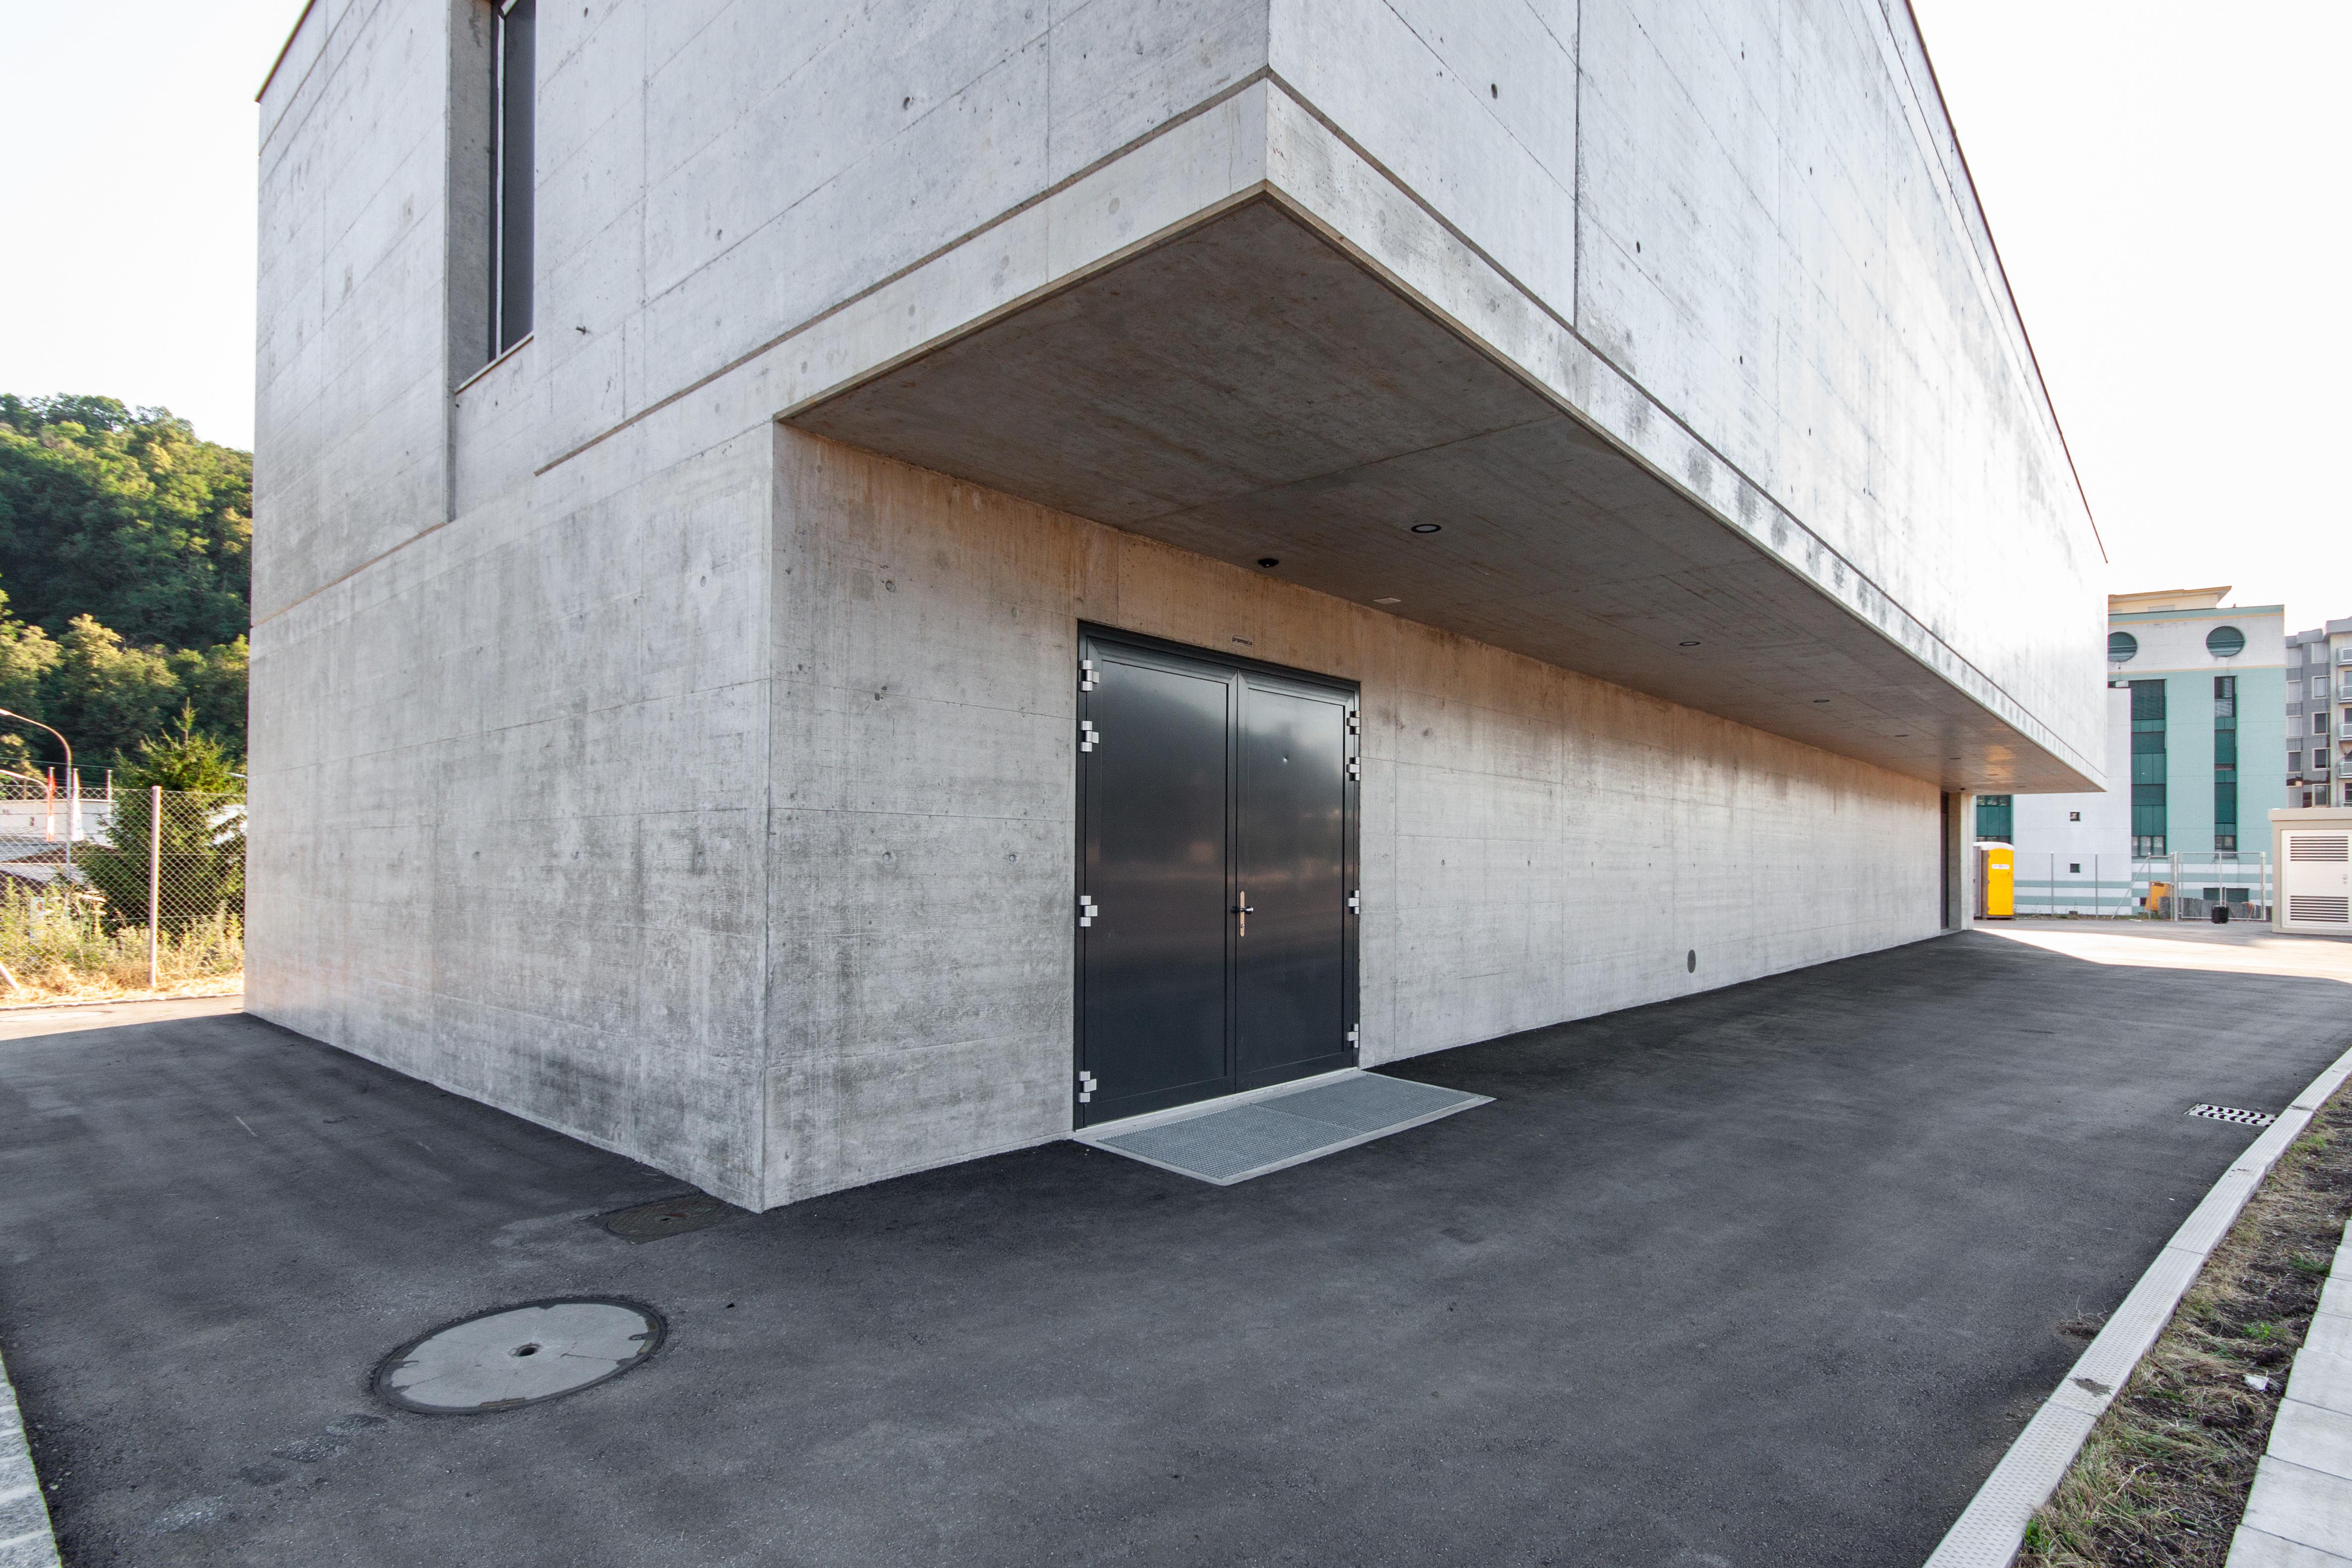 Bahntechnikgebäude 6830 Chiasso-0887